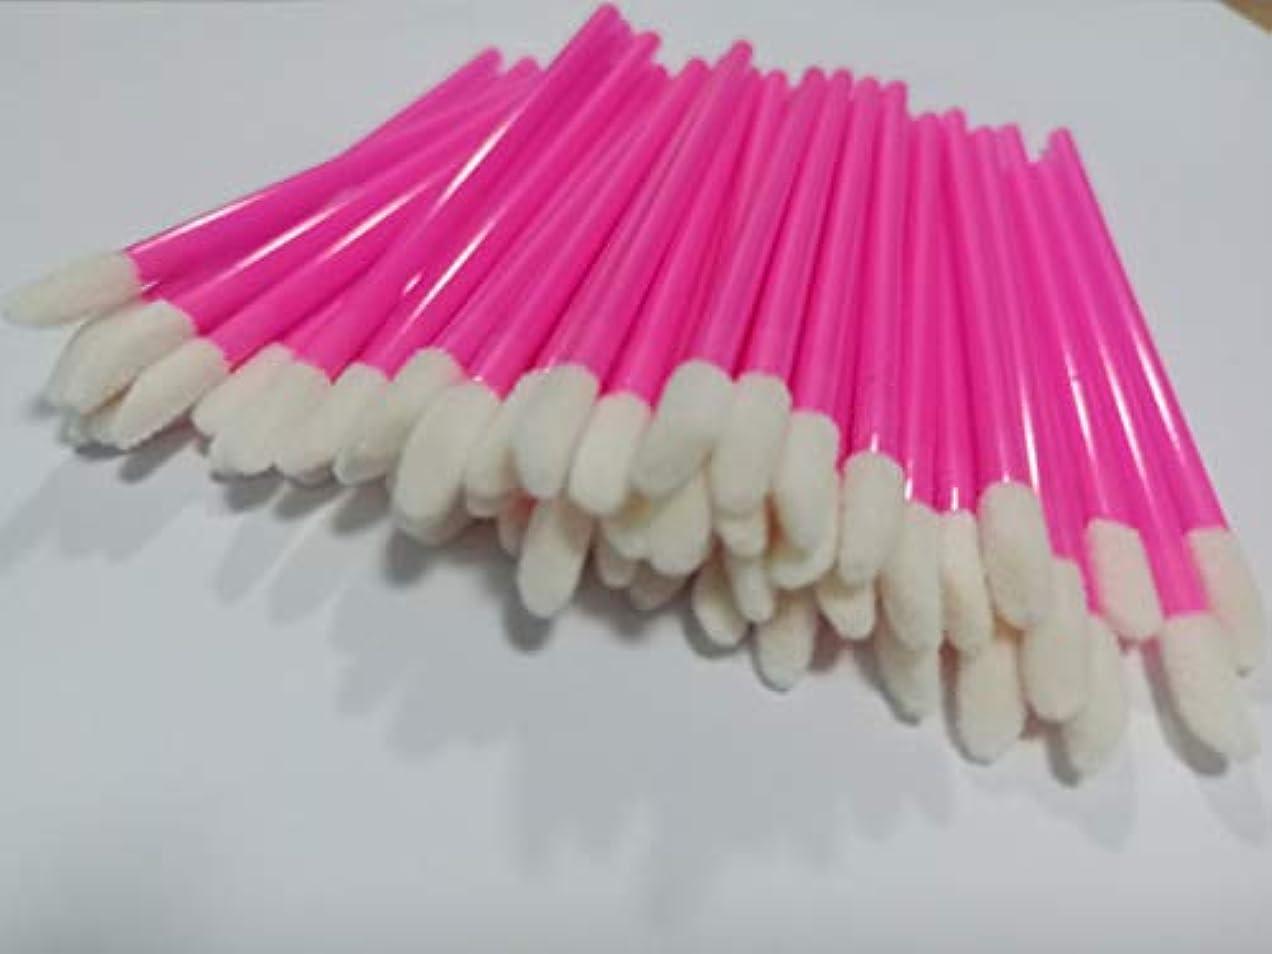 分解する倍増アプローチAdomi 使い捨てリップブラシ 化粧リップ ブラシ 50pcs 化粧筆多機能 携帯便利 筆化粧ブラシ メイクブラシ (ピンク)